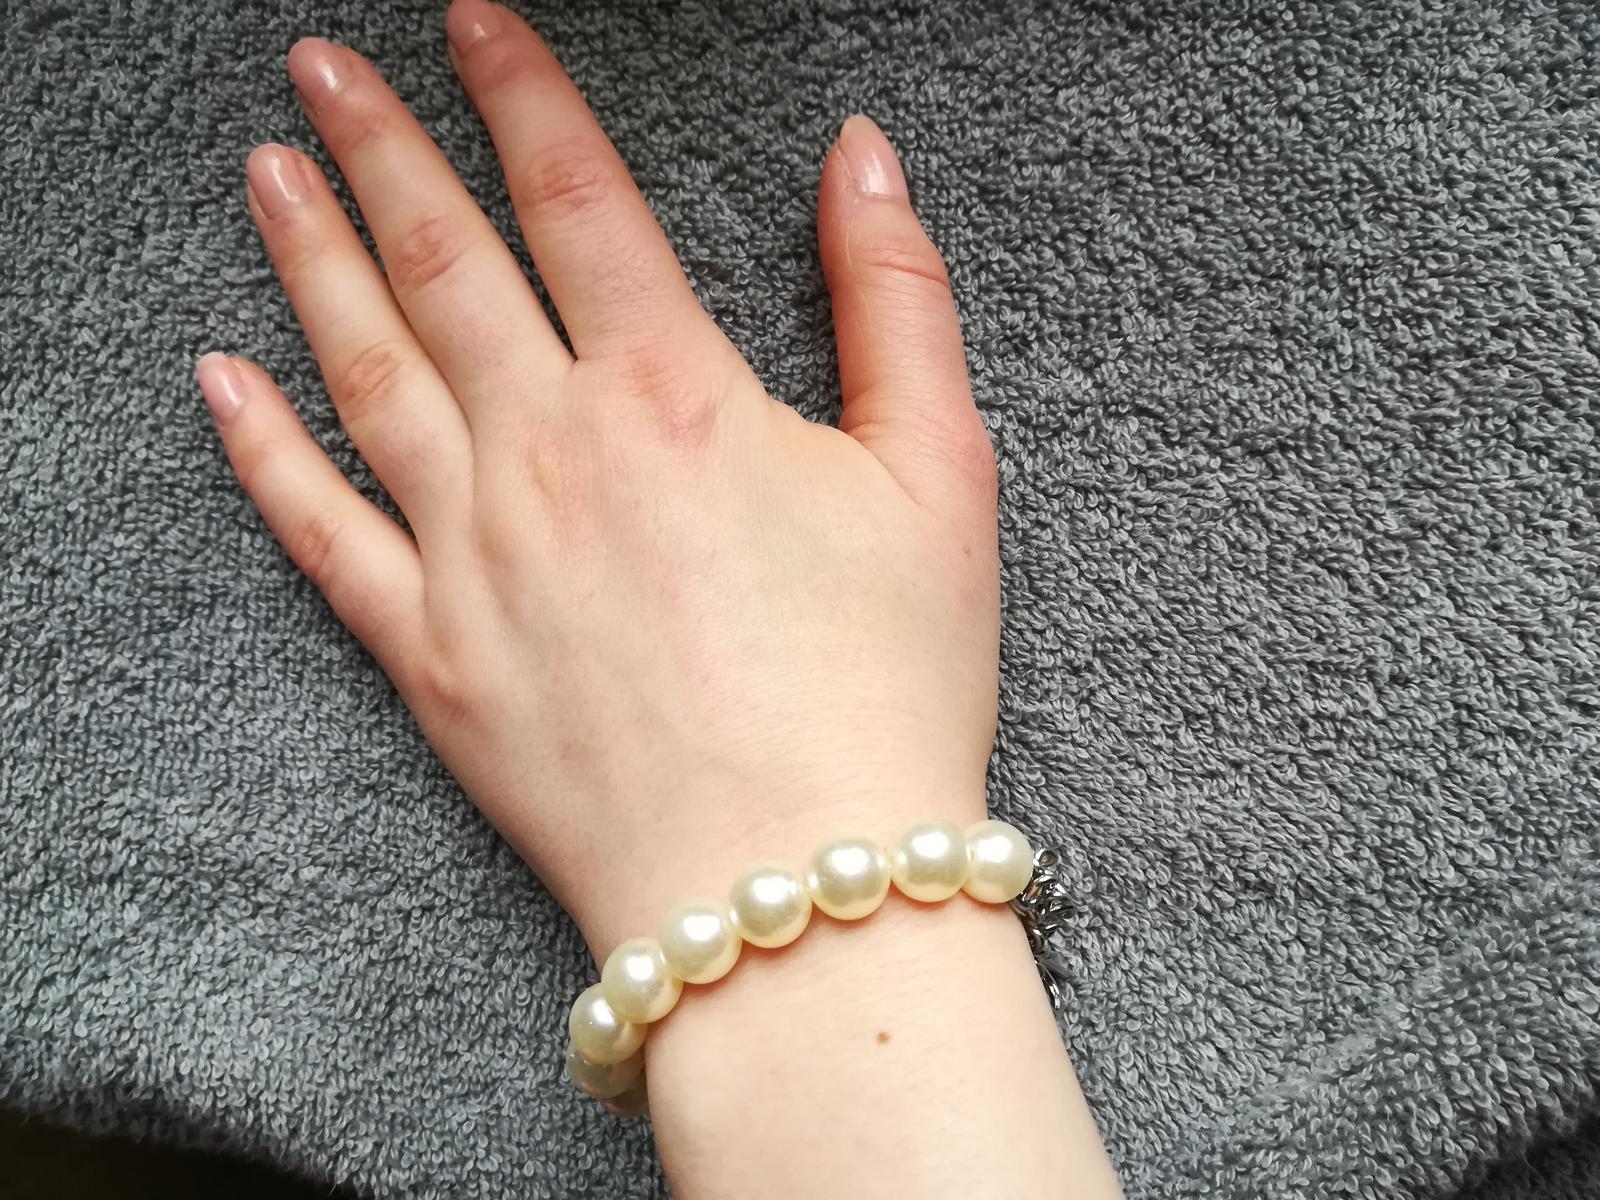 Náramek s bílými perličkami a stříbrnou mašlí - Obrázek č. 3